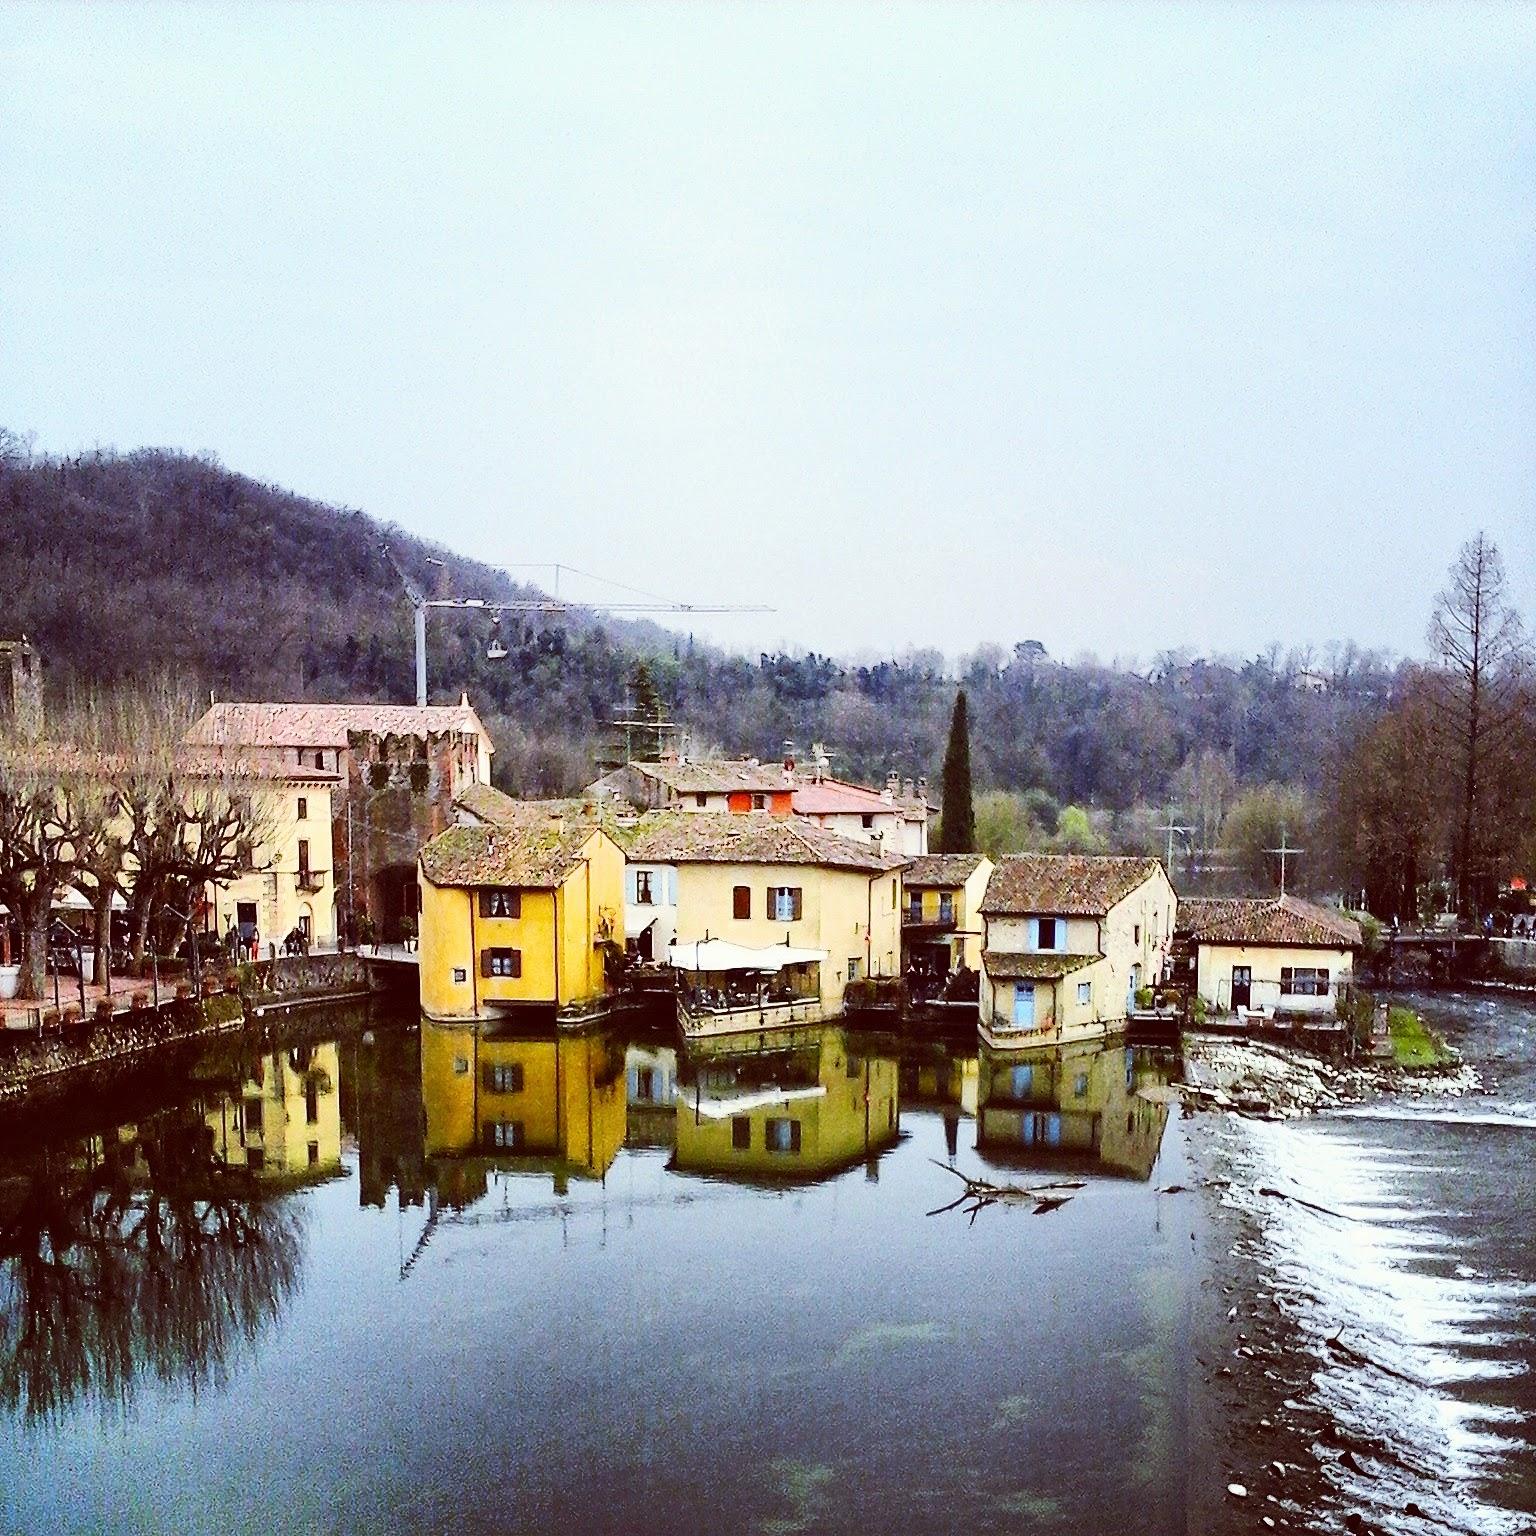 Borghetto frazione di Valeggio sul Mincio, veduta degli antichi mulini del Seicento - Foto di Monica Gatti La gatita sotto le due torri blog